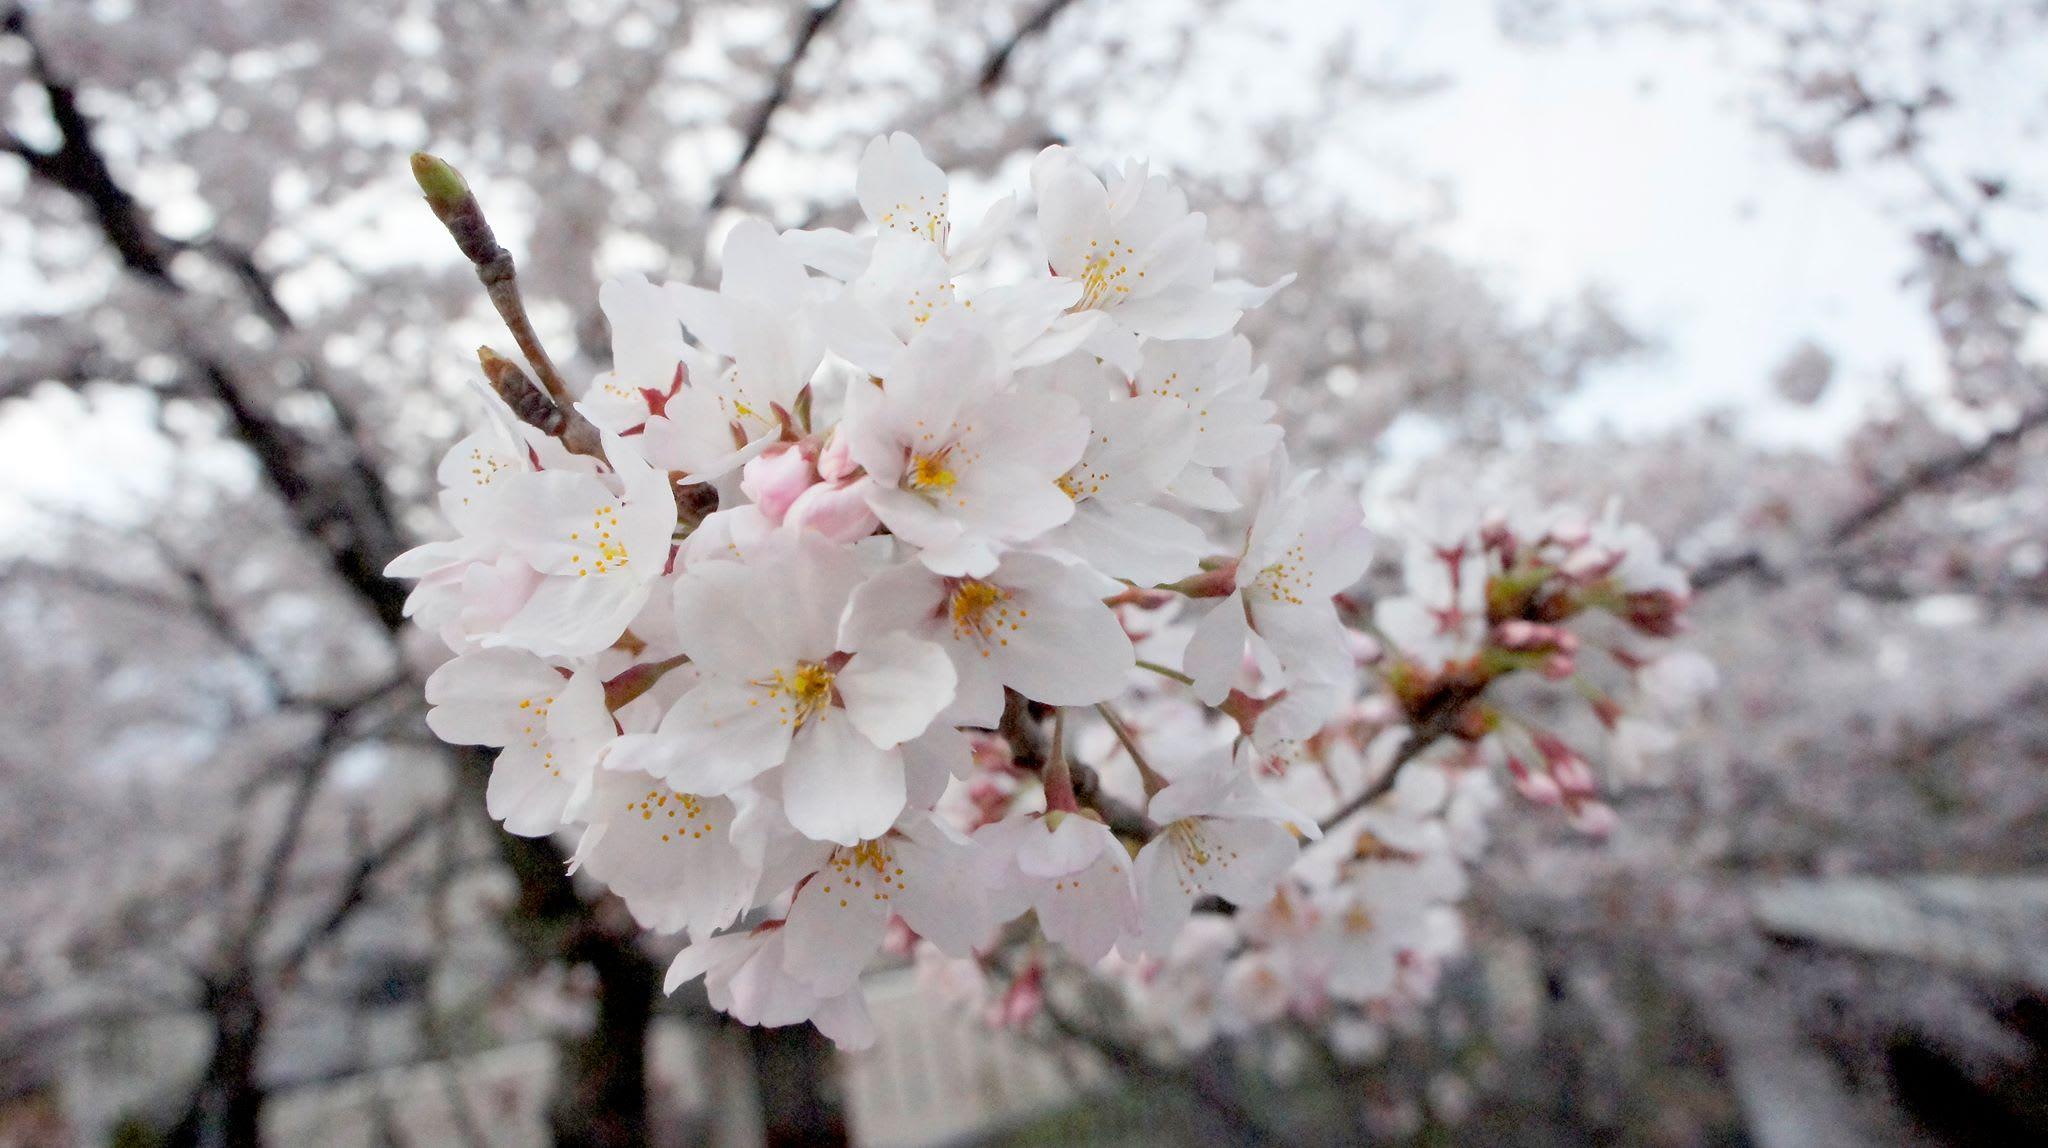 ngắm hoa anh đào cận cảnh